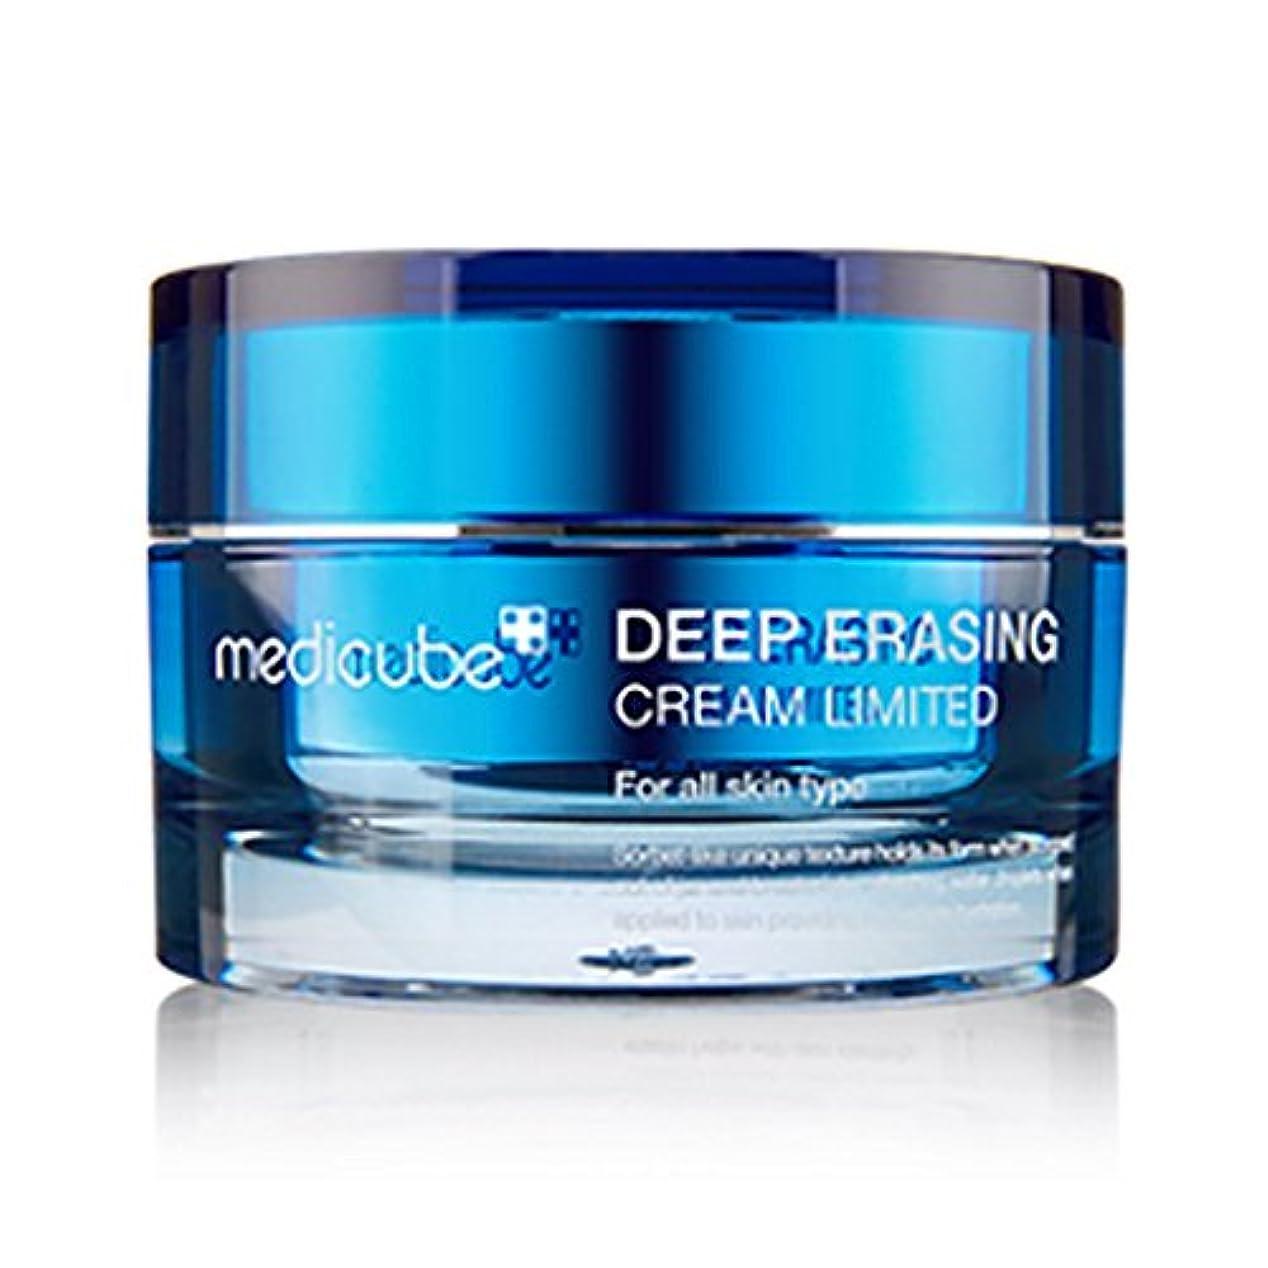 終了しました読書ゲージ[メディキューブ]Medicube メディキューブ ディープイレイジングクリームリミテッド 50ml 海外直商品 Summer Limited Blue Deep Erasing Cream 50ml [並行輸入品]